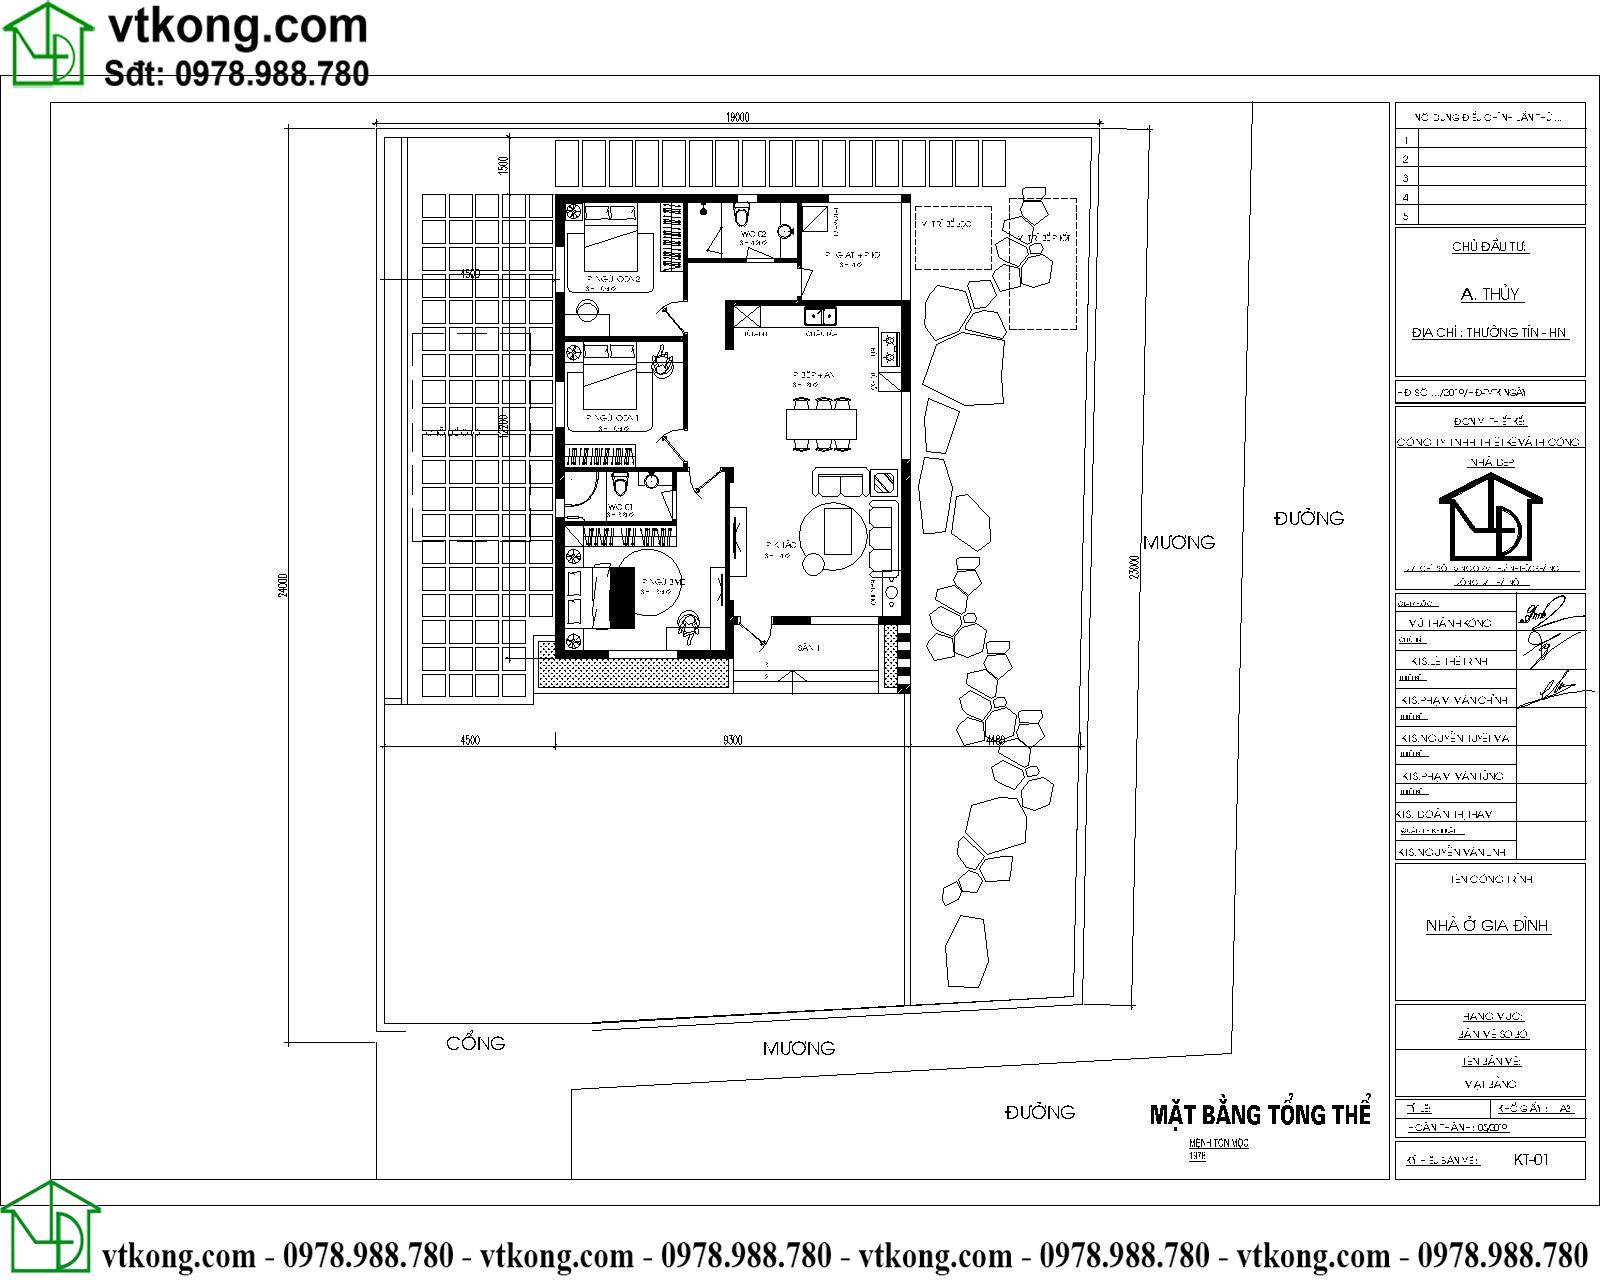 Nhà Cấp 4 Mái Nhật 9x12m Tại Cao Bằng Nc4125